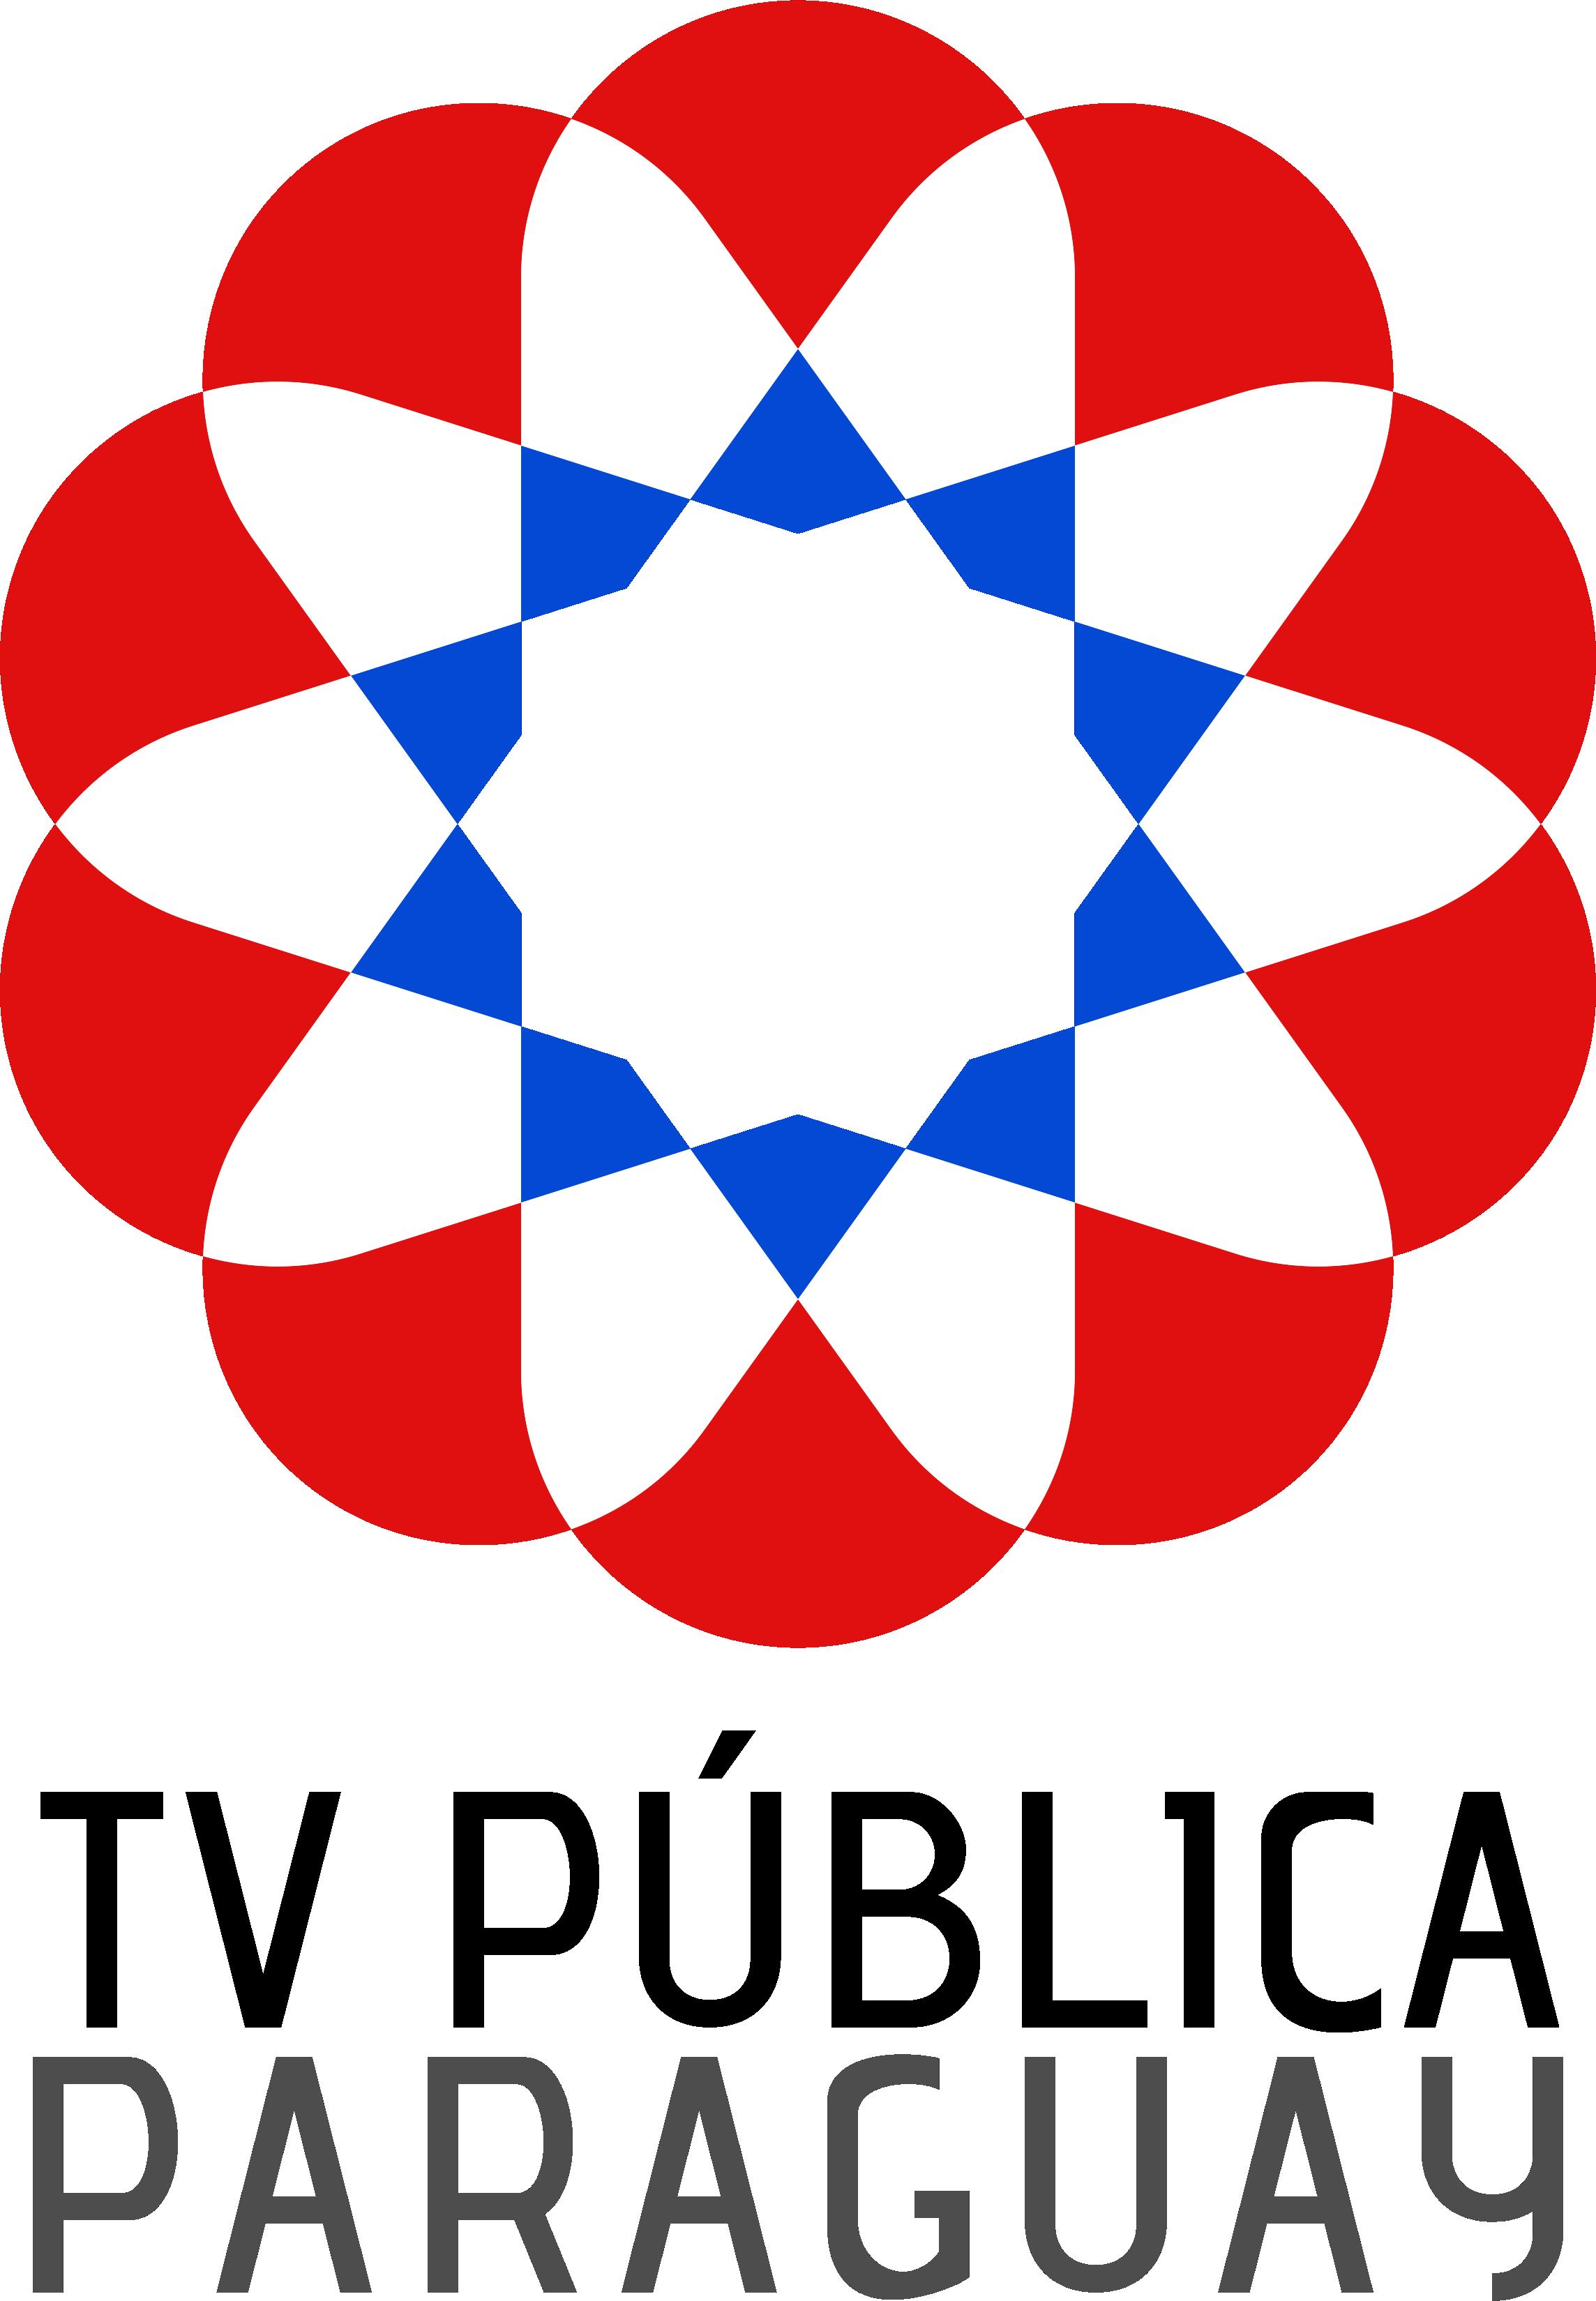 Tv publica paraguay py logo